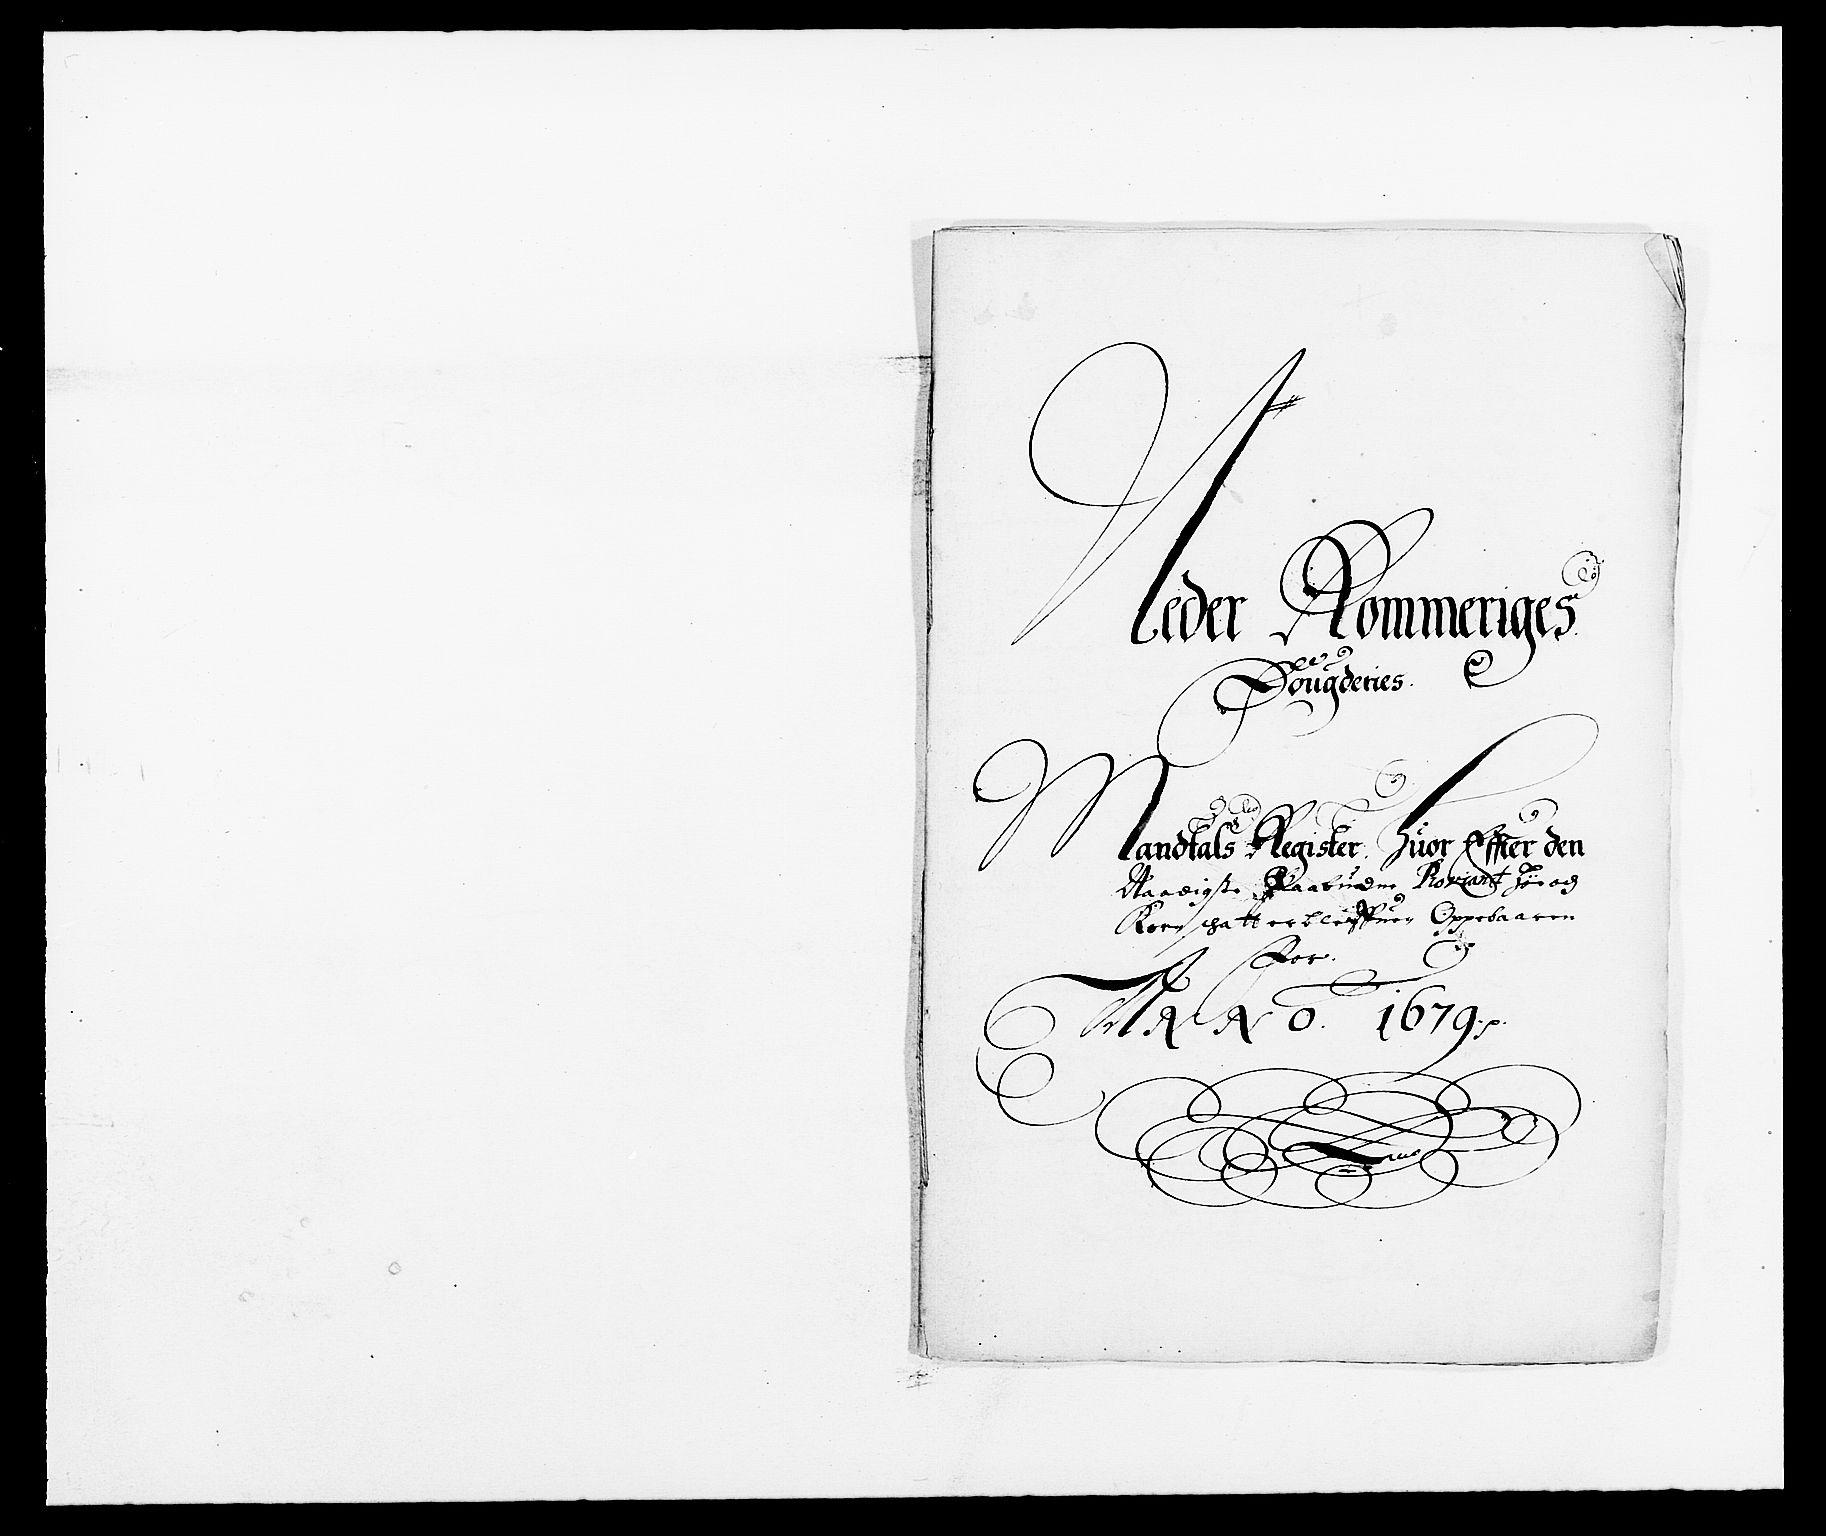 RA, Rentekammeret inntil 1814, Reviderte regnskaper, Fogderegnskap, R11/L0568: Fogderegnskap Nedre Romerike, 1679, s. 107